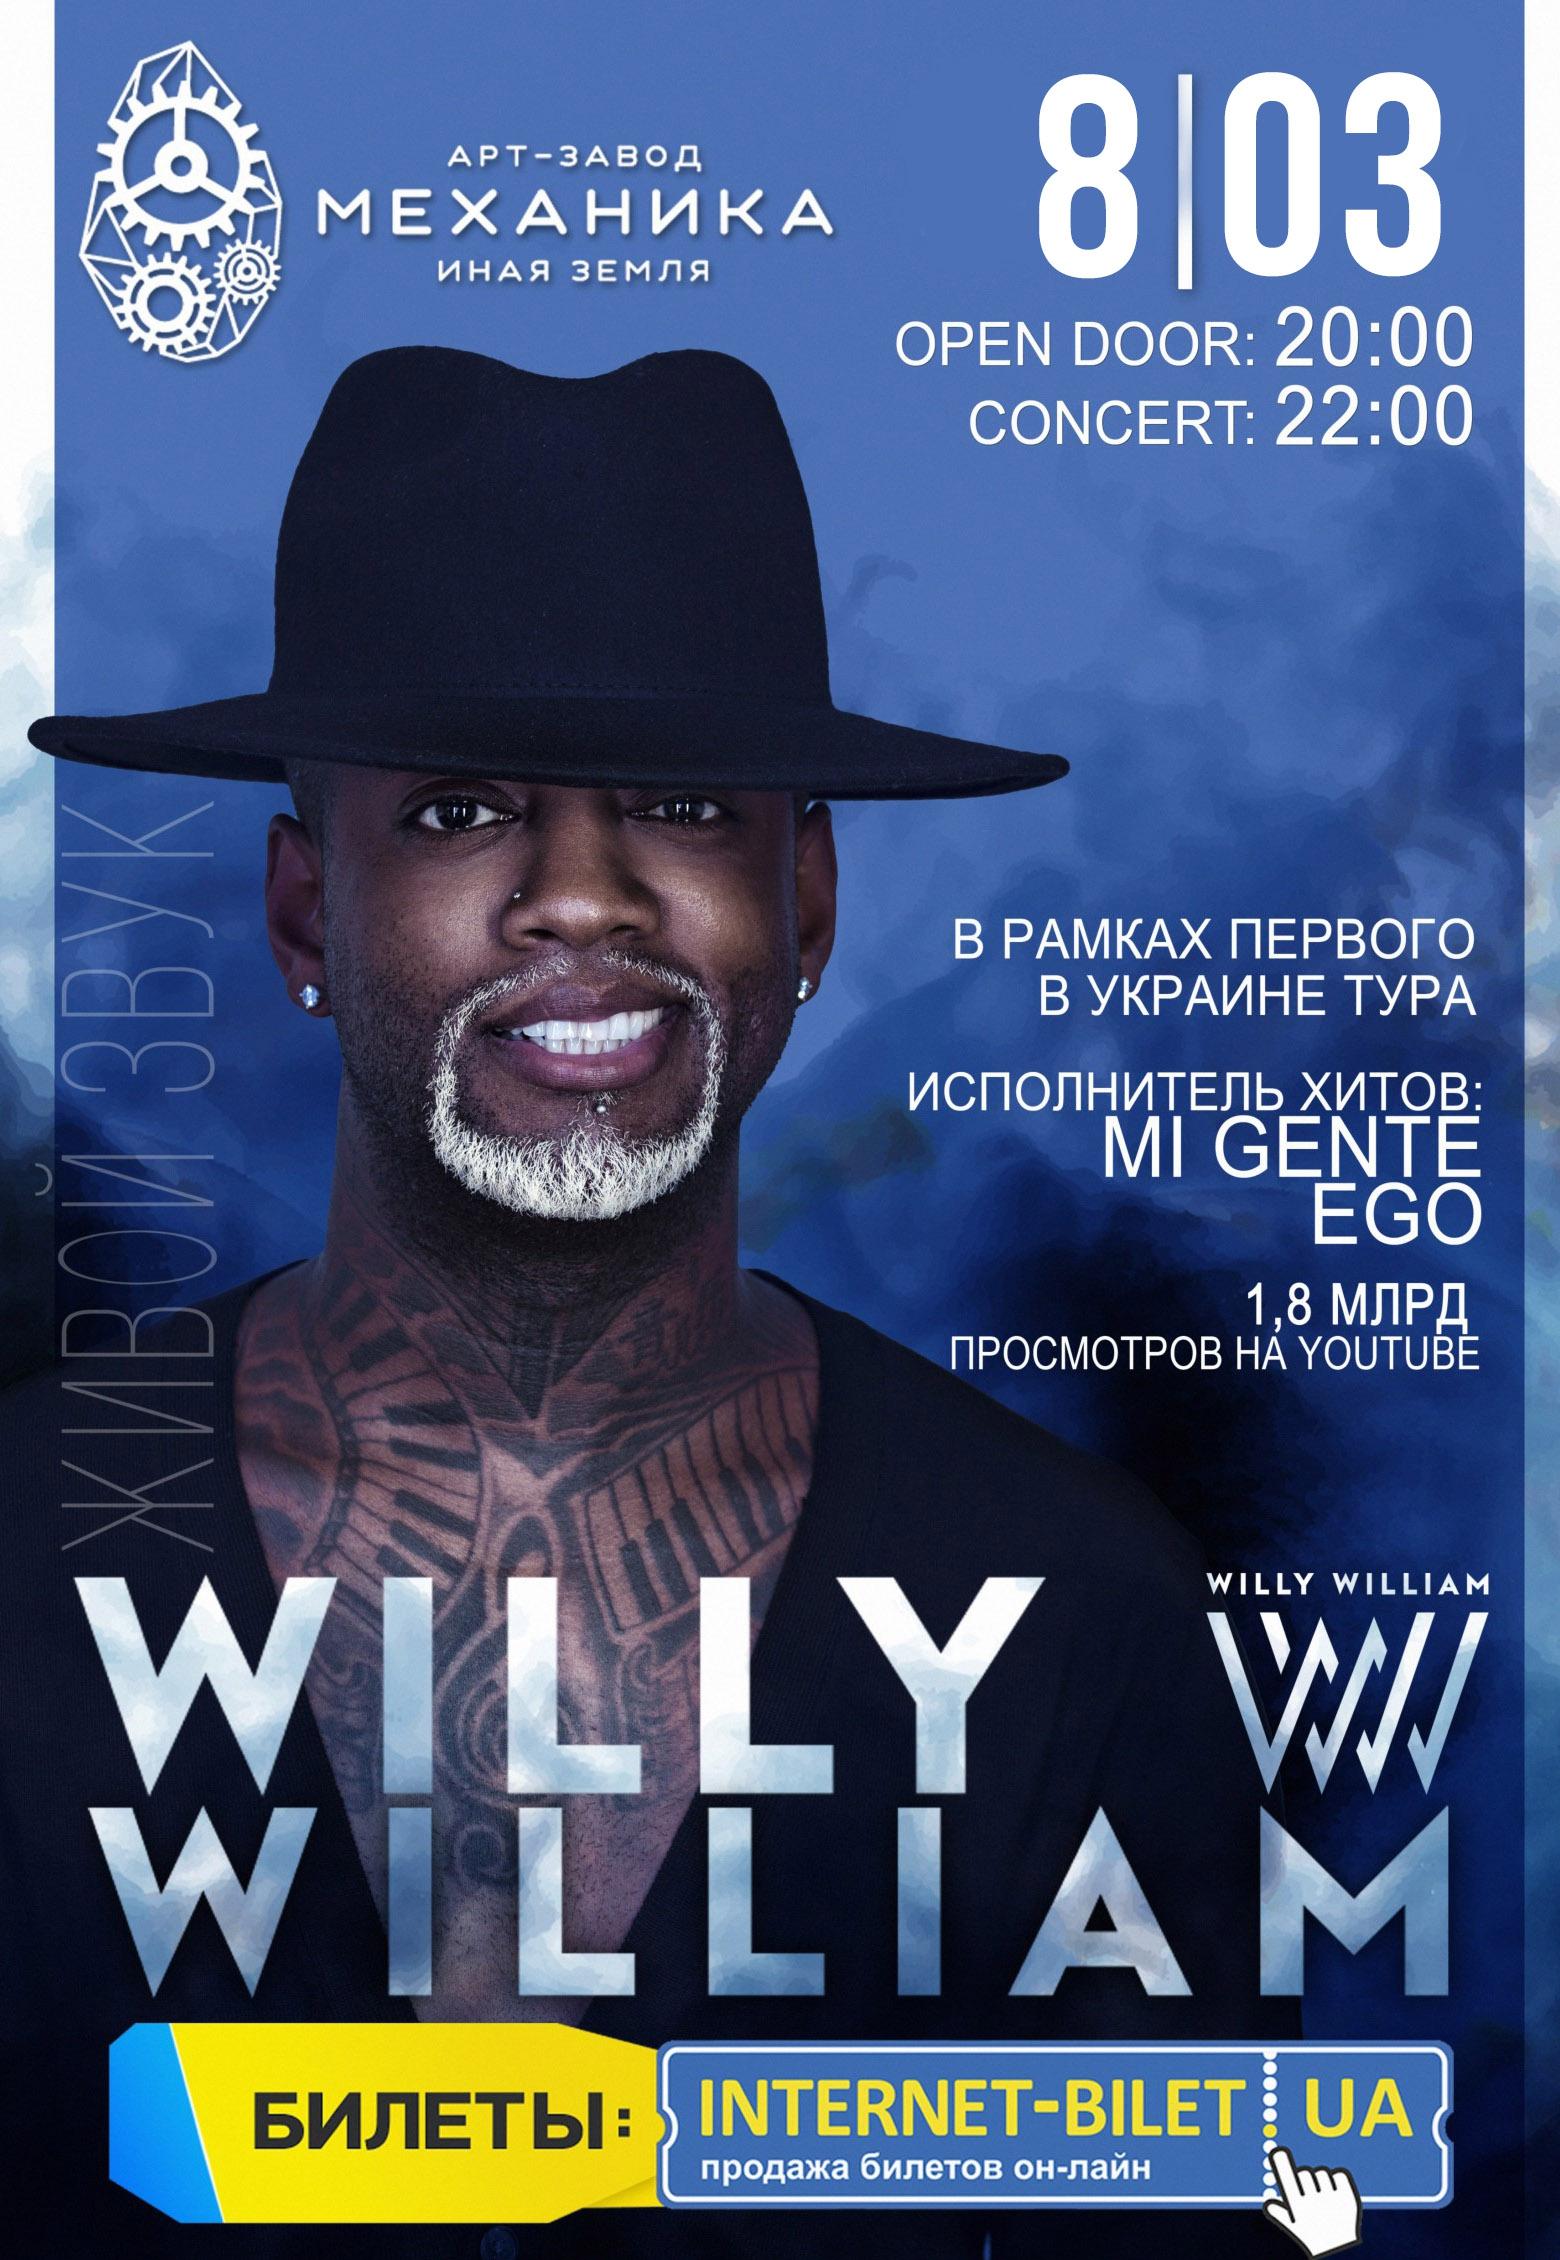 Купить билеты на концерт к 8 марта купить билета в кино сбс краснодар